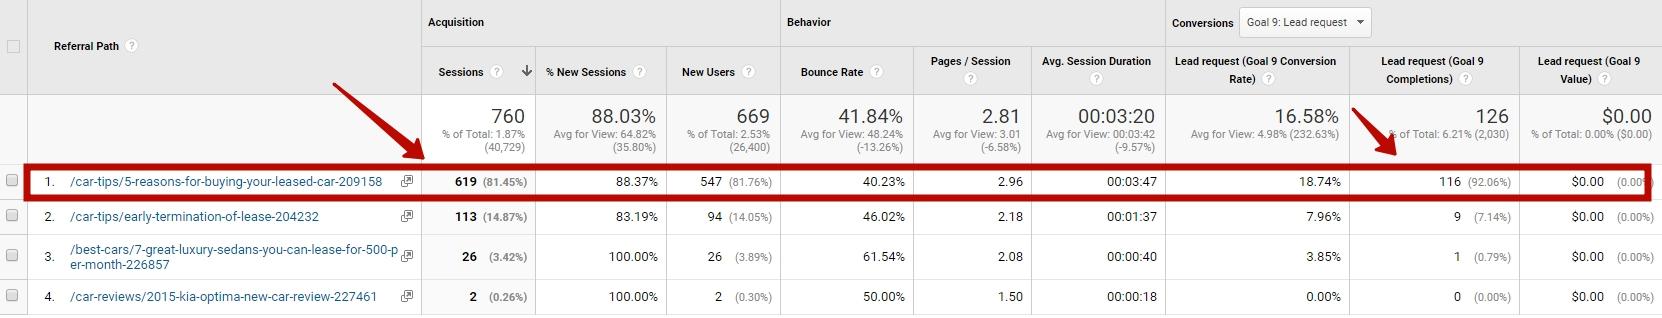 аналитика крауд маркетинг